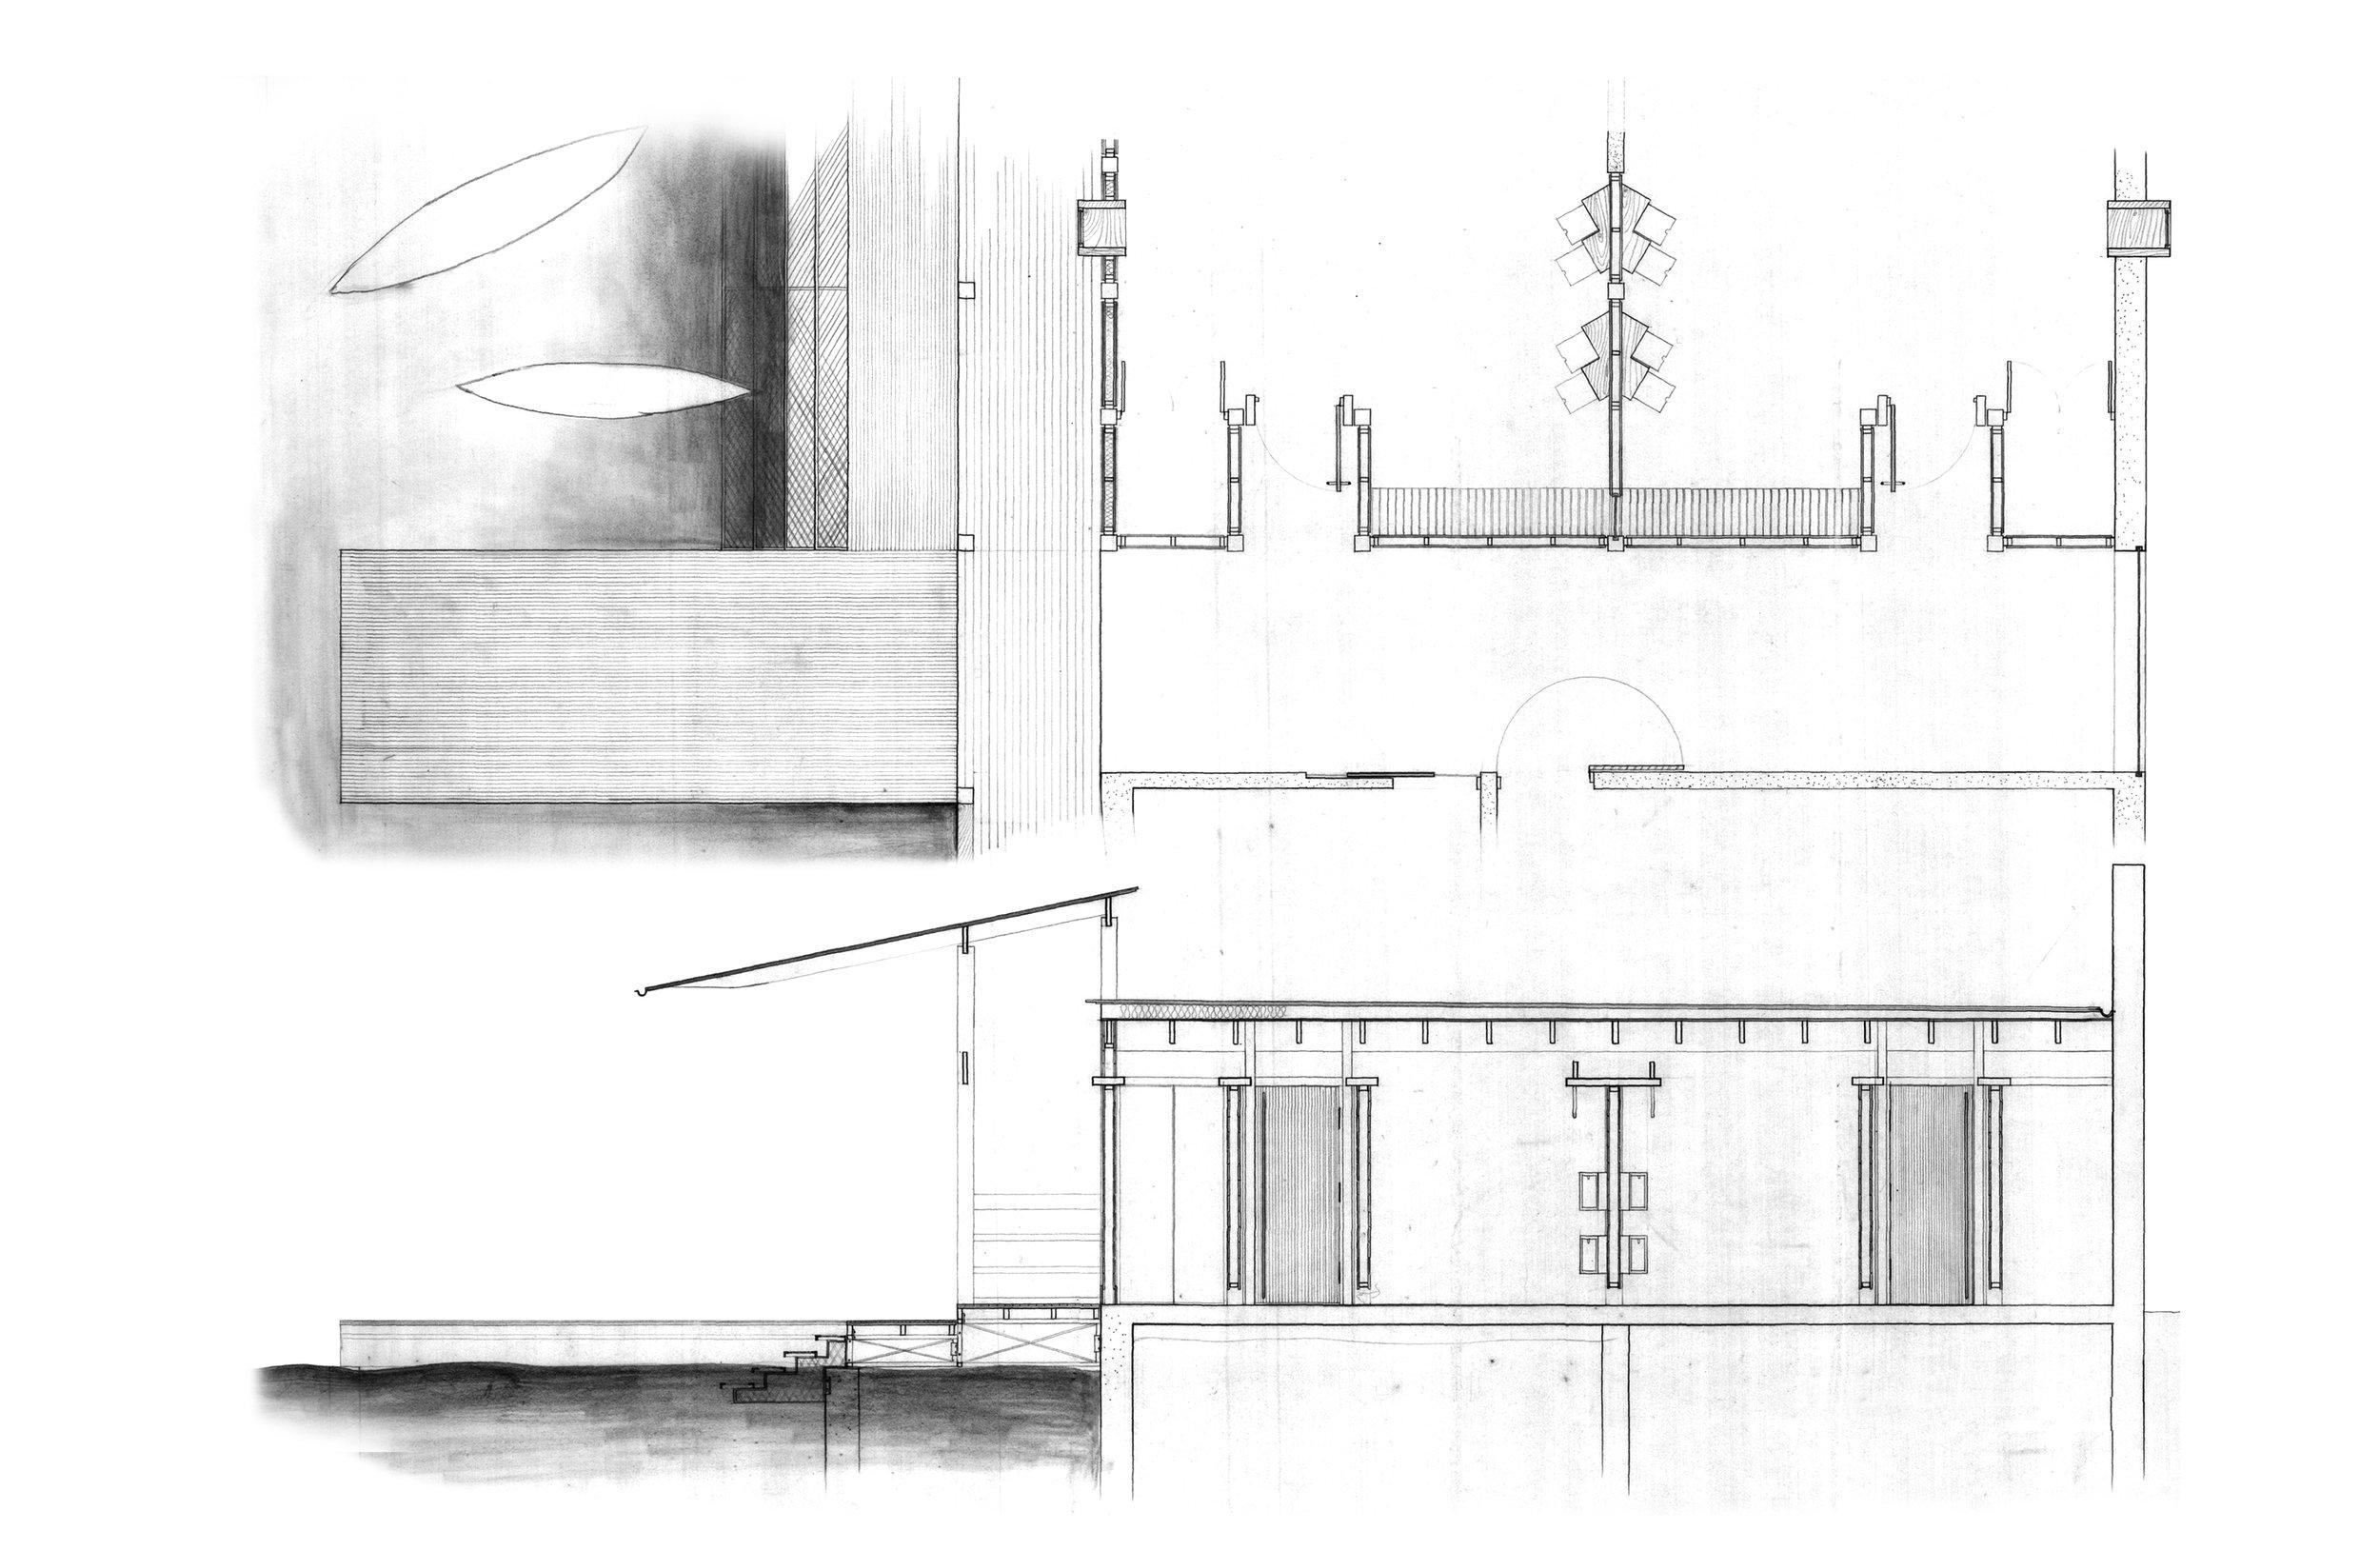 190905_ボートハウス4.jpg